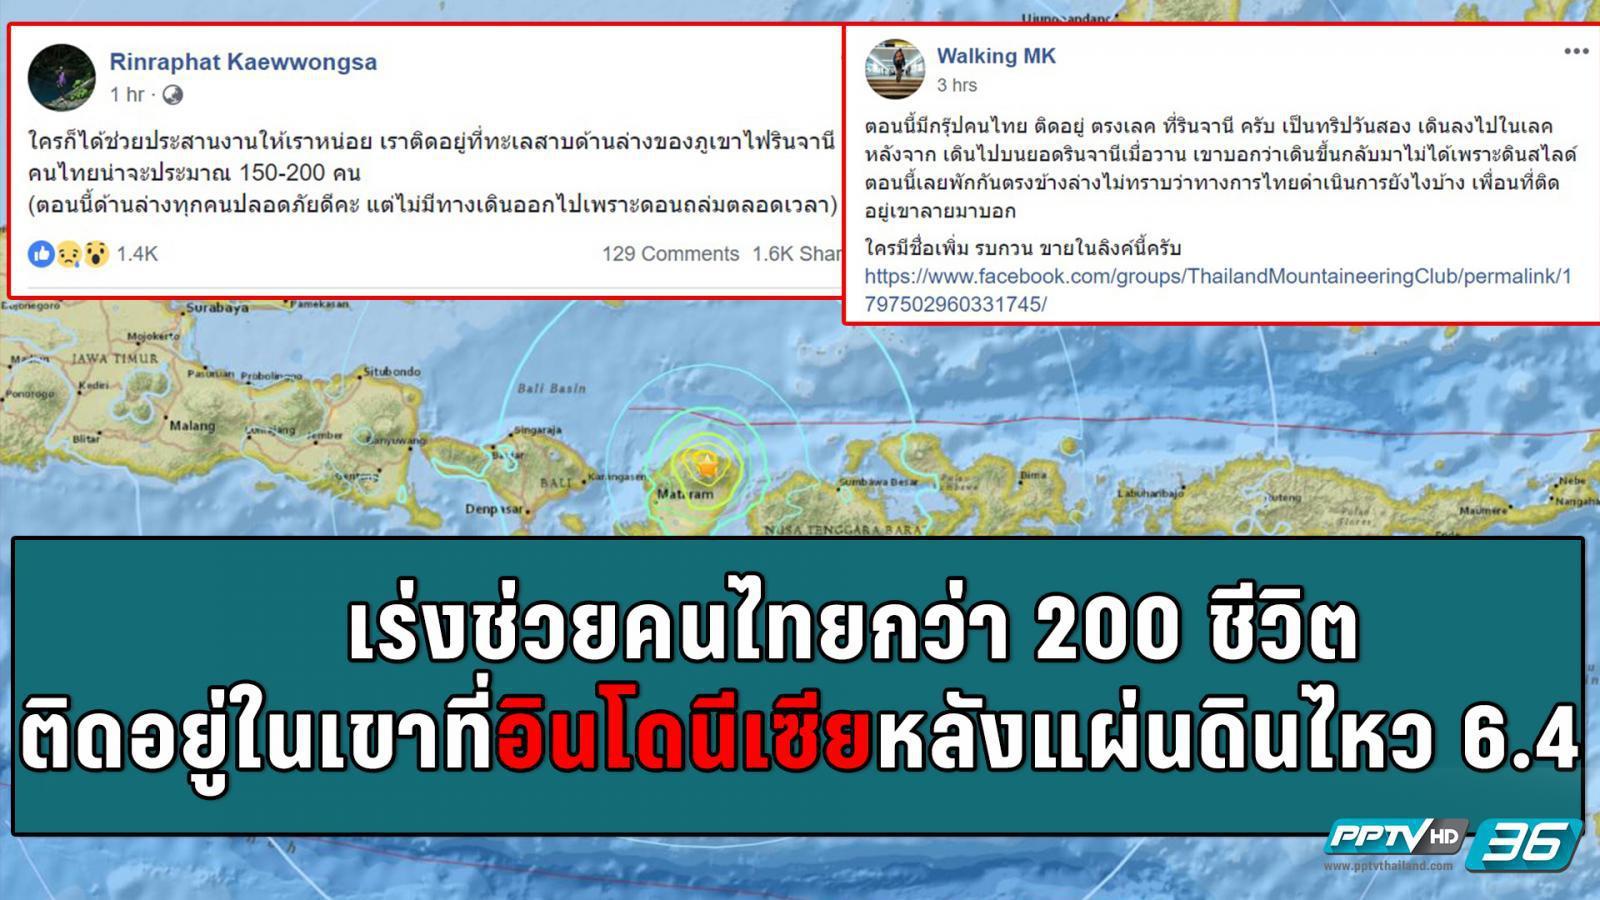 เร่งช่วยคนไทย 200 ชีวิตติดอยู่บนภูเขาไฟรินจานี อินโดนีเซีย